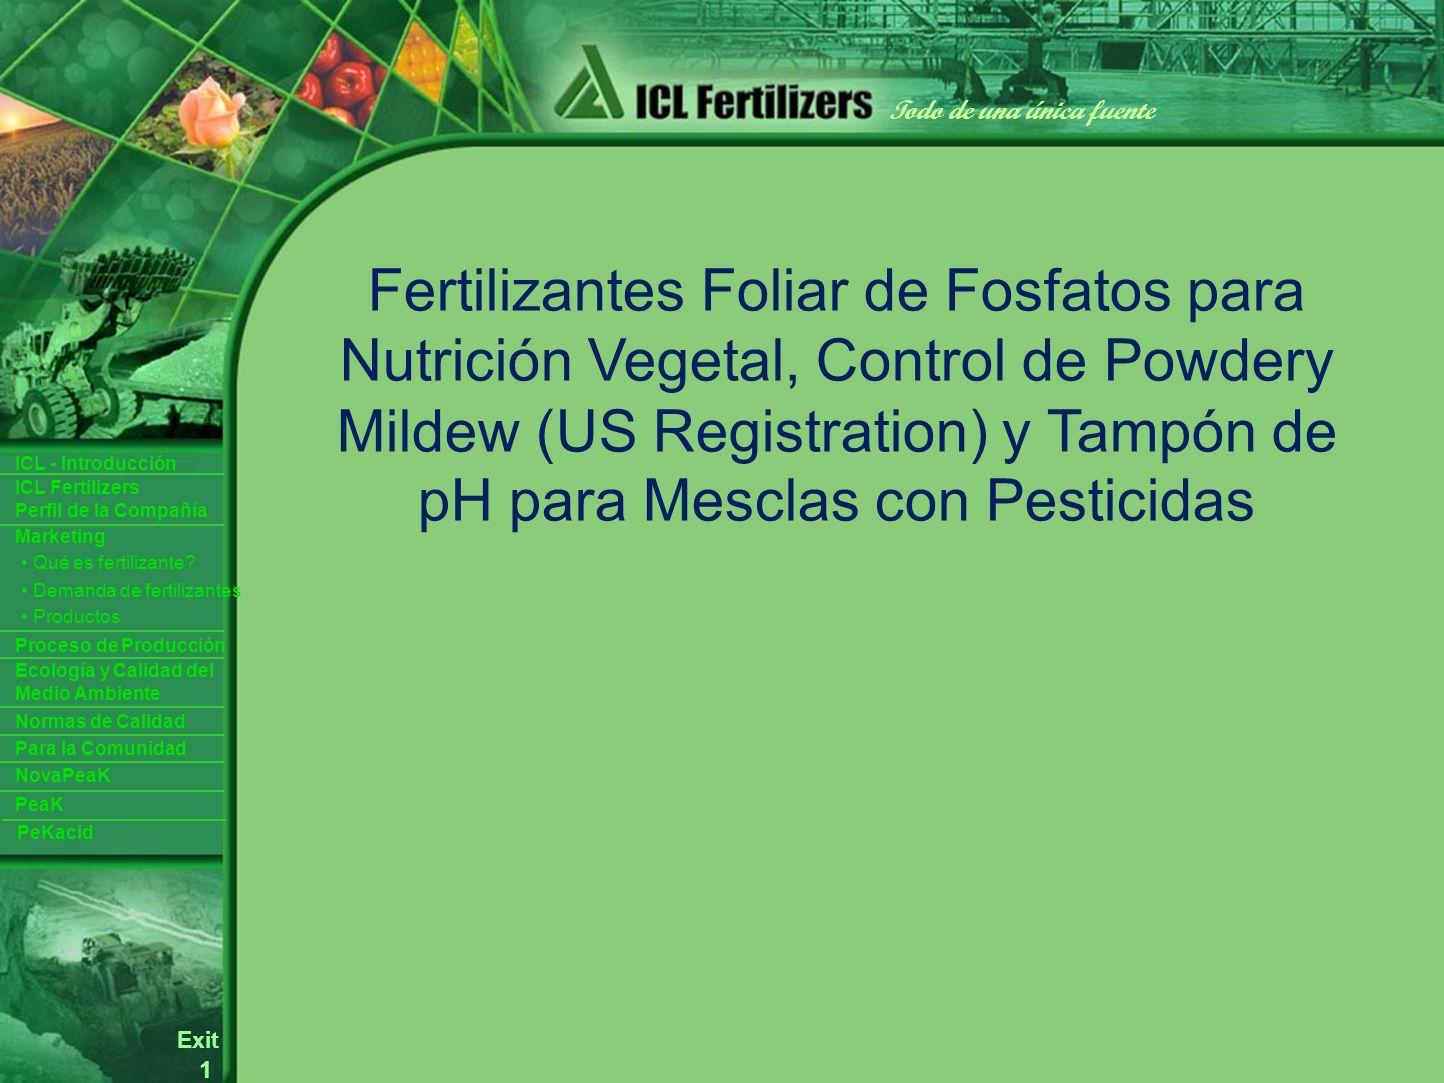 22 Exit Todo de una única fuente ICL Fertilizers Perfil de la Compañía ICL - Introducción Productos Para la Comunidad Ecología y Calidad del Medio Ambiente Normas de Calidad Marketing Proceso de Producción Demanda de fertilizantes Qué es fertilizante.